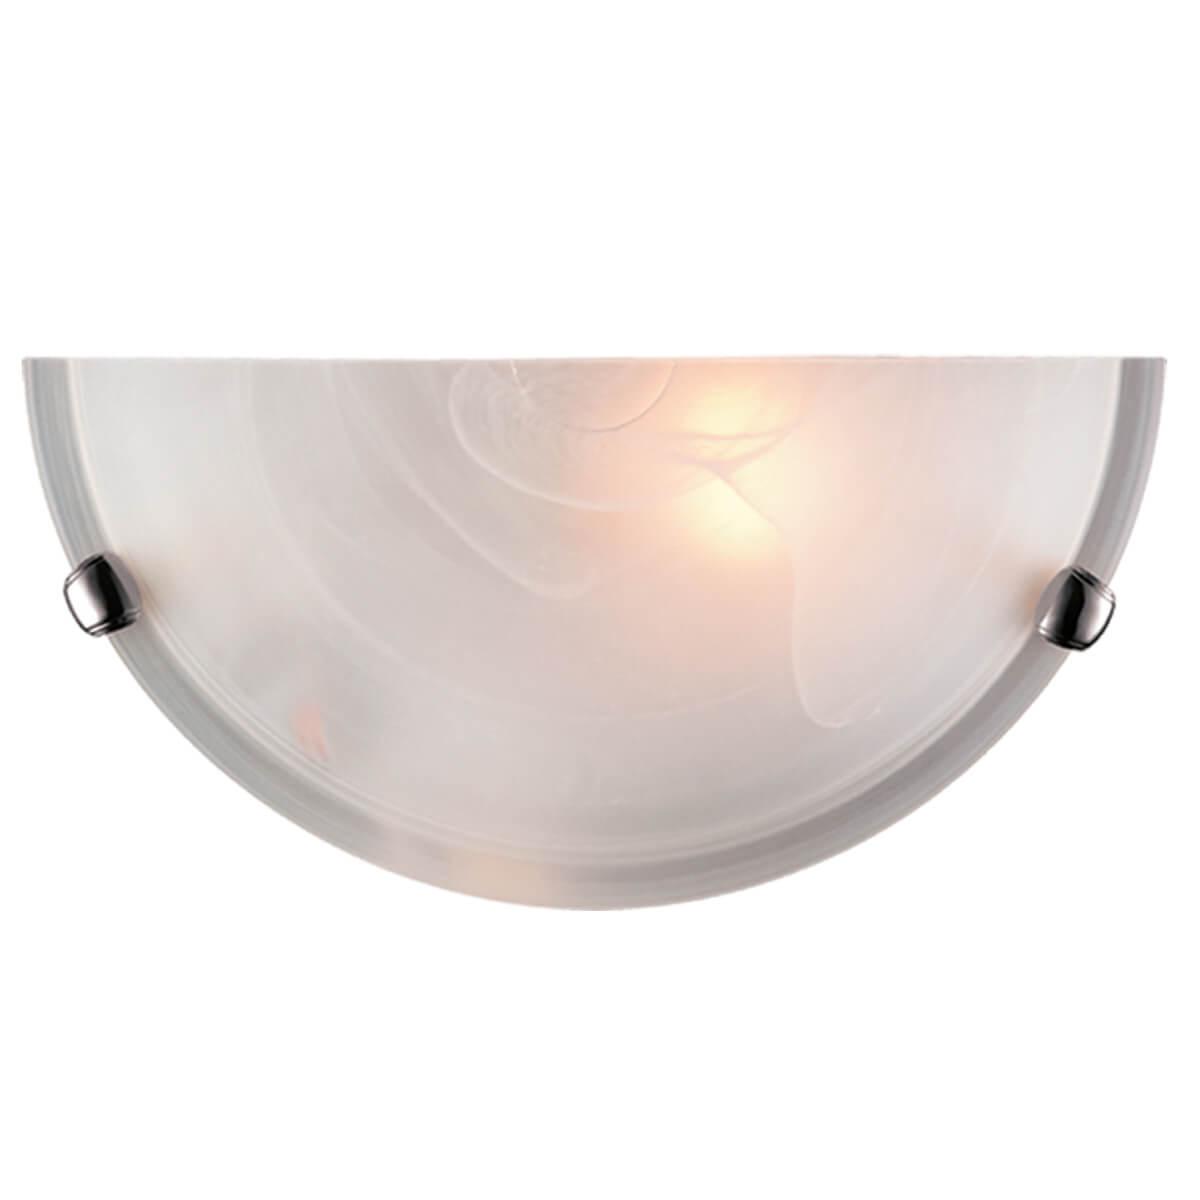 Настенный светильник Sonex Duna 053 хром цена 2017